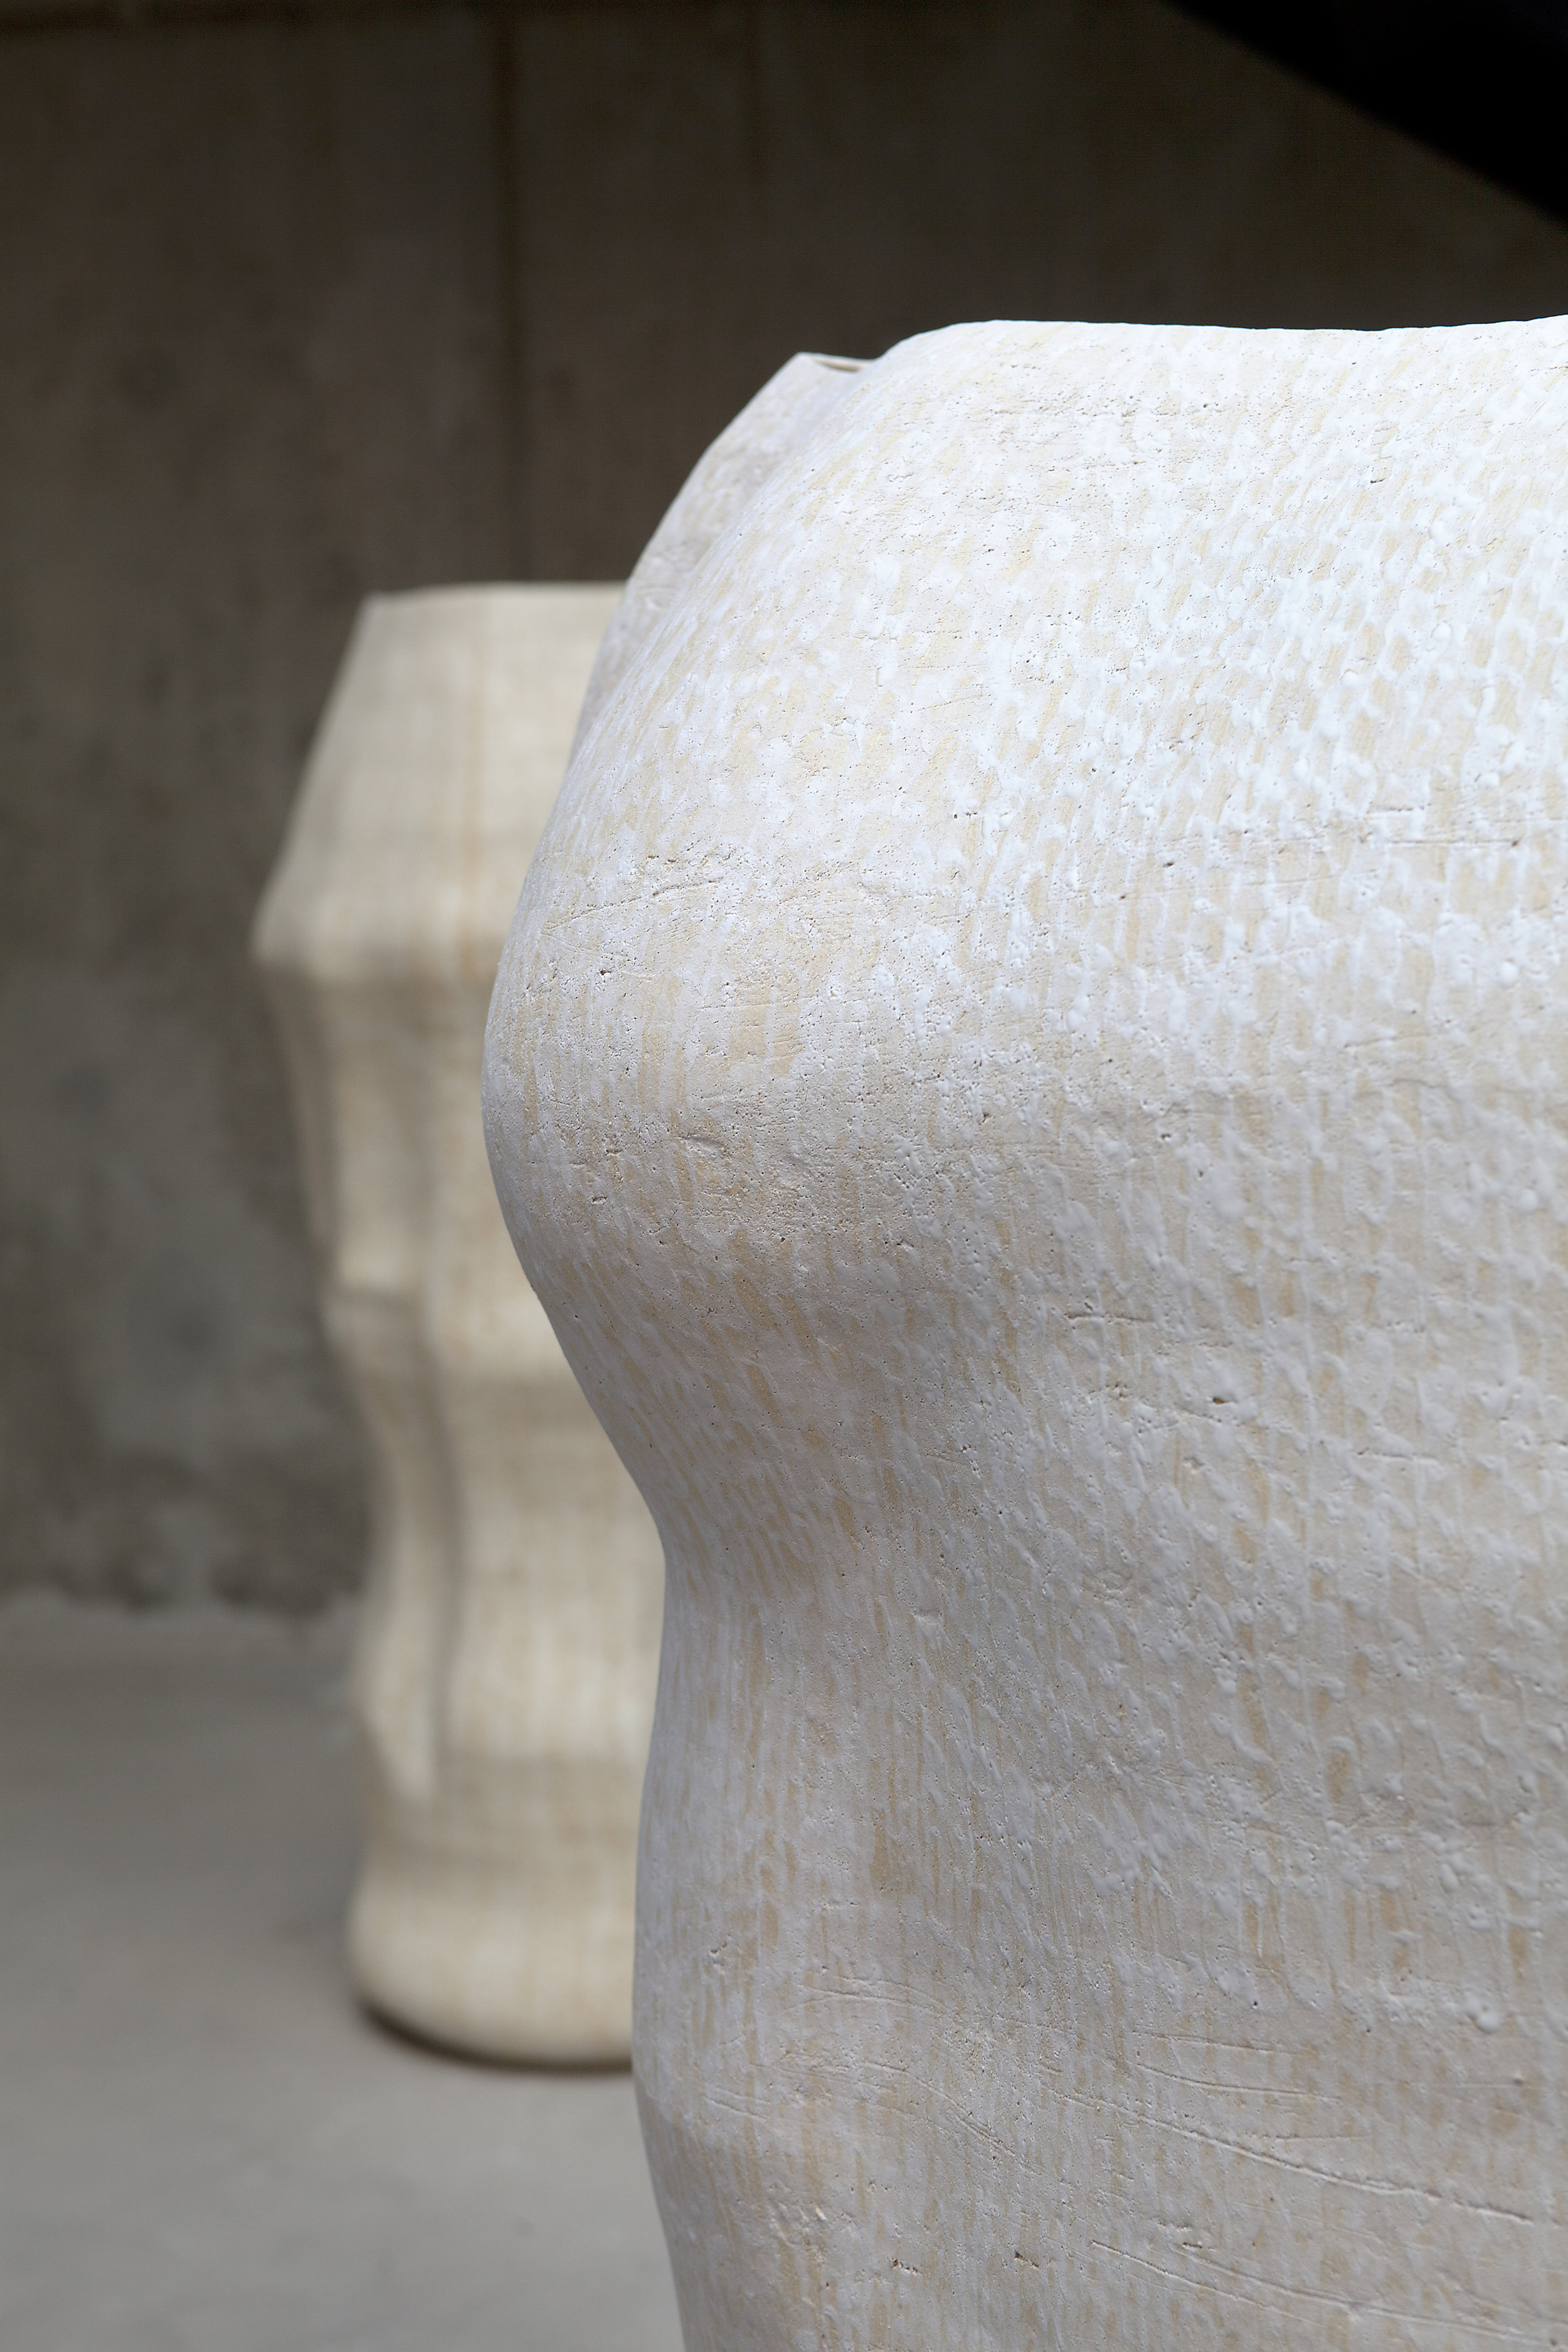 Detail   Photo credit: Chikako Harada